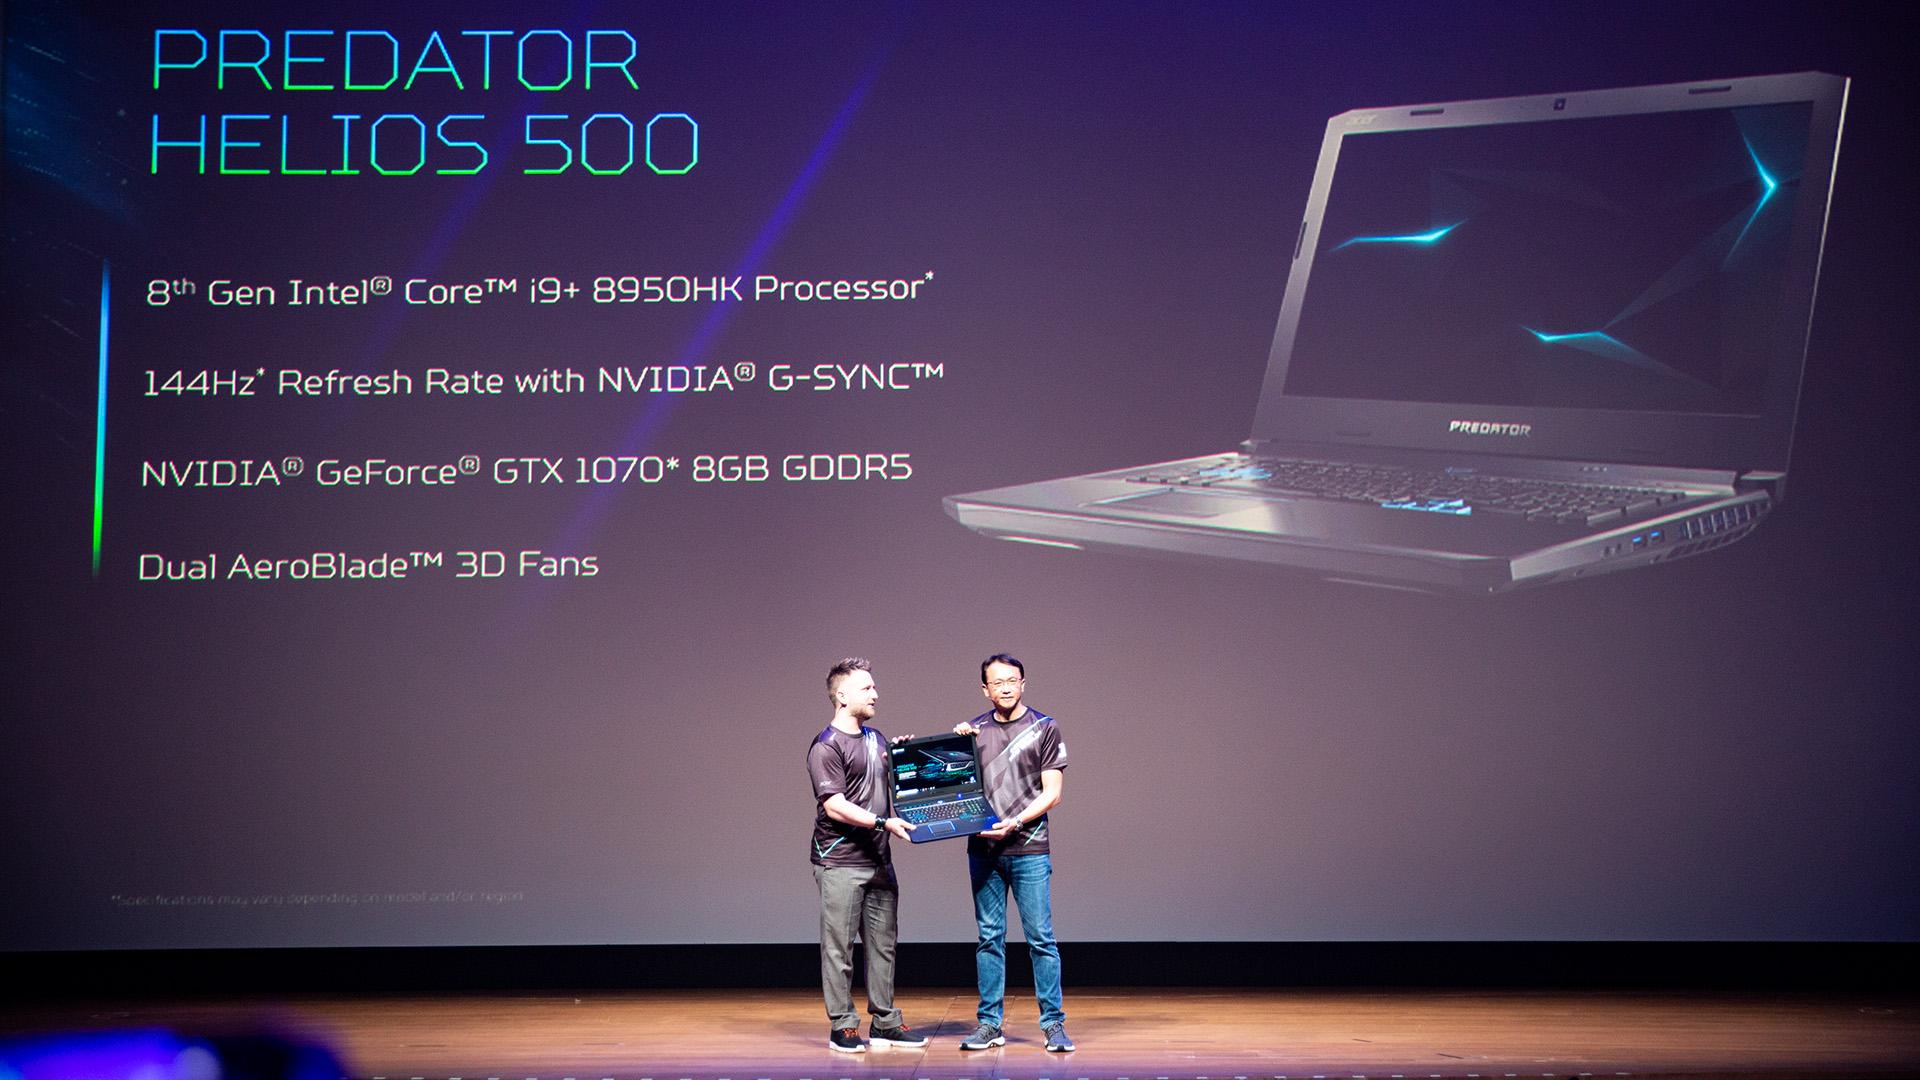 Acer-Portfolio 2018: Nitro-Gaming-PCs mit Ryzen und viele neue Notebooks - Das Helios 500 ist mit einem 144-Hz-Panel ausgestattet. (Bild: Robert Kern/Golem.de)